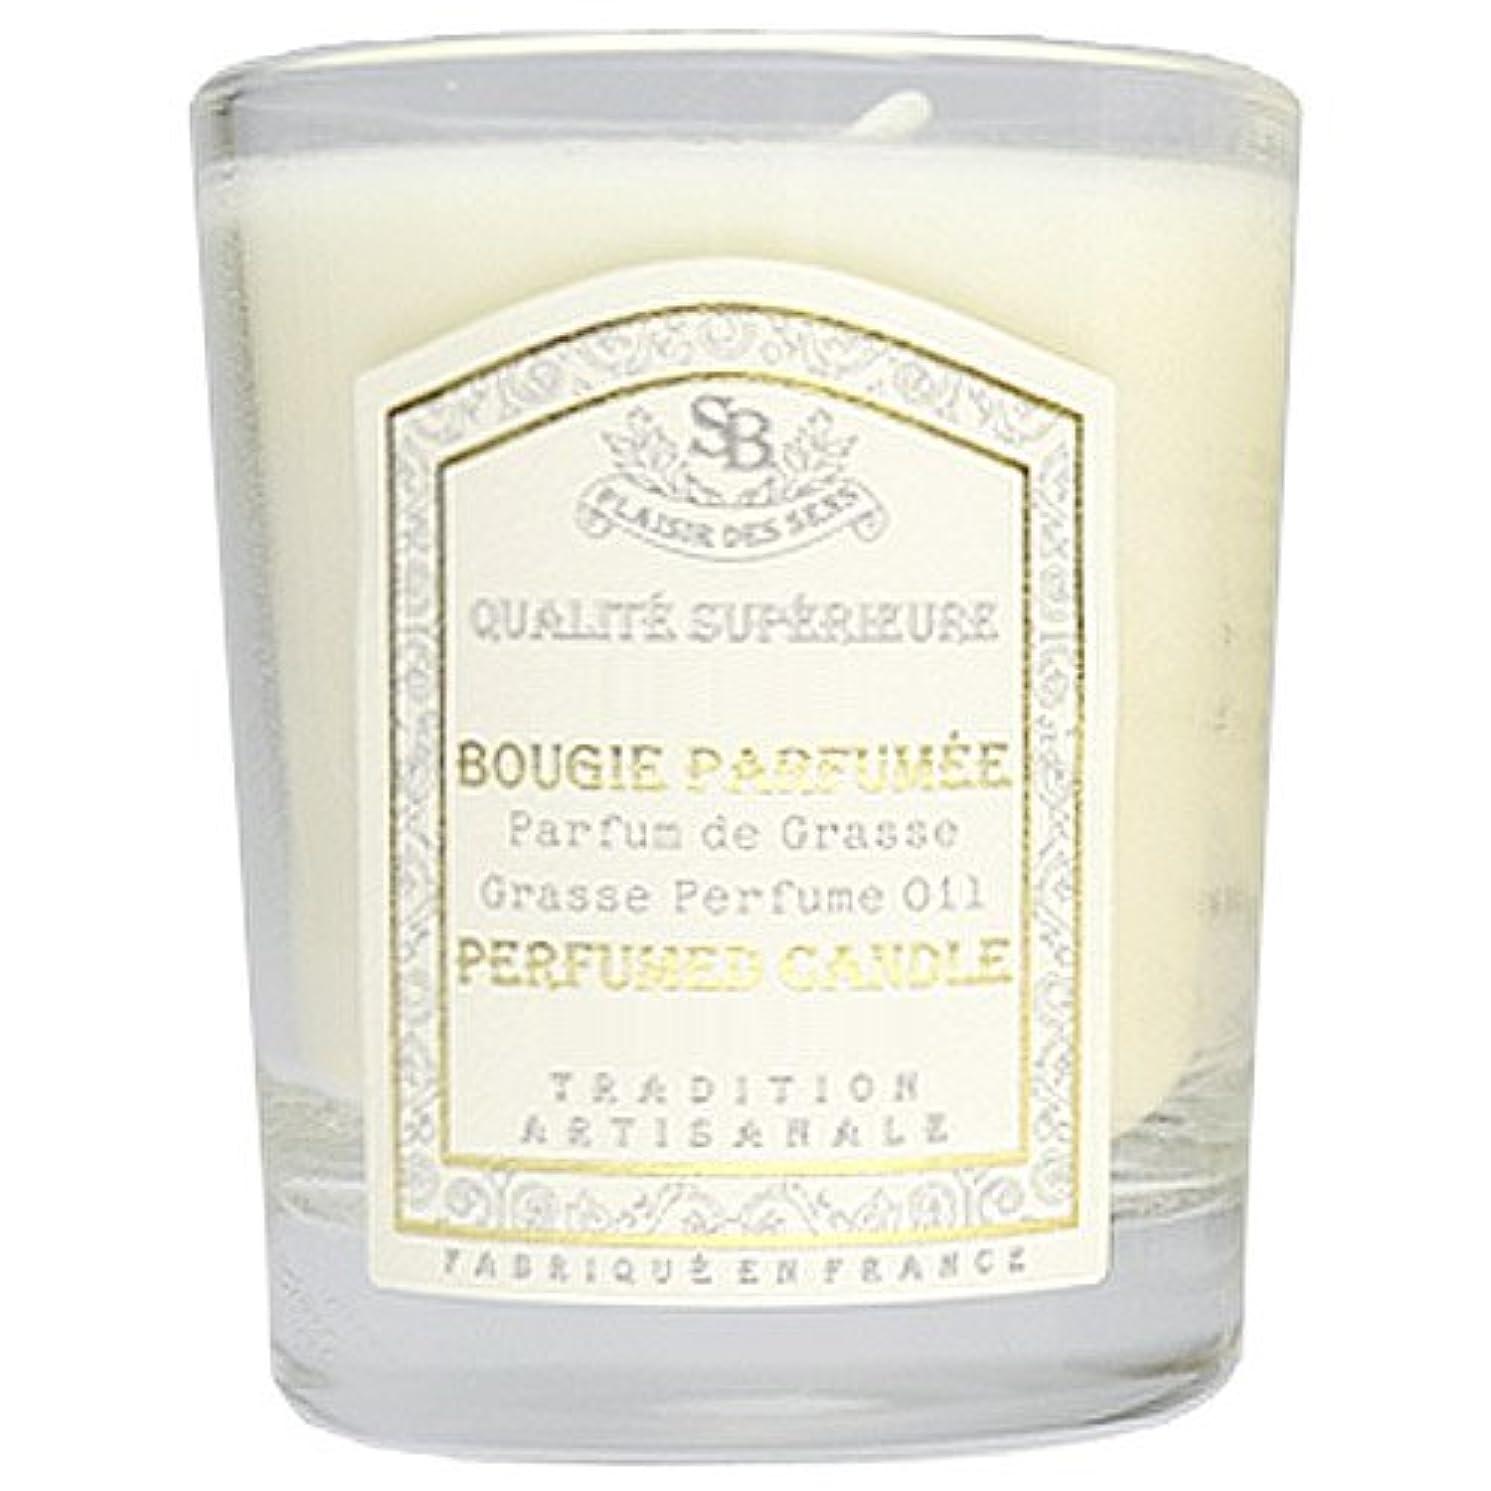 雪だるま天才ジョットディボンドンSenteur et Beaute(サンタールエボーテ) フレンチクラシックシリーズ グラスキャンドル 90g 「リリーガーデニア」 4994228022004